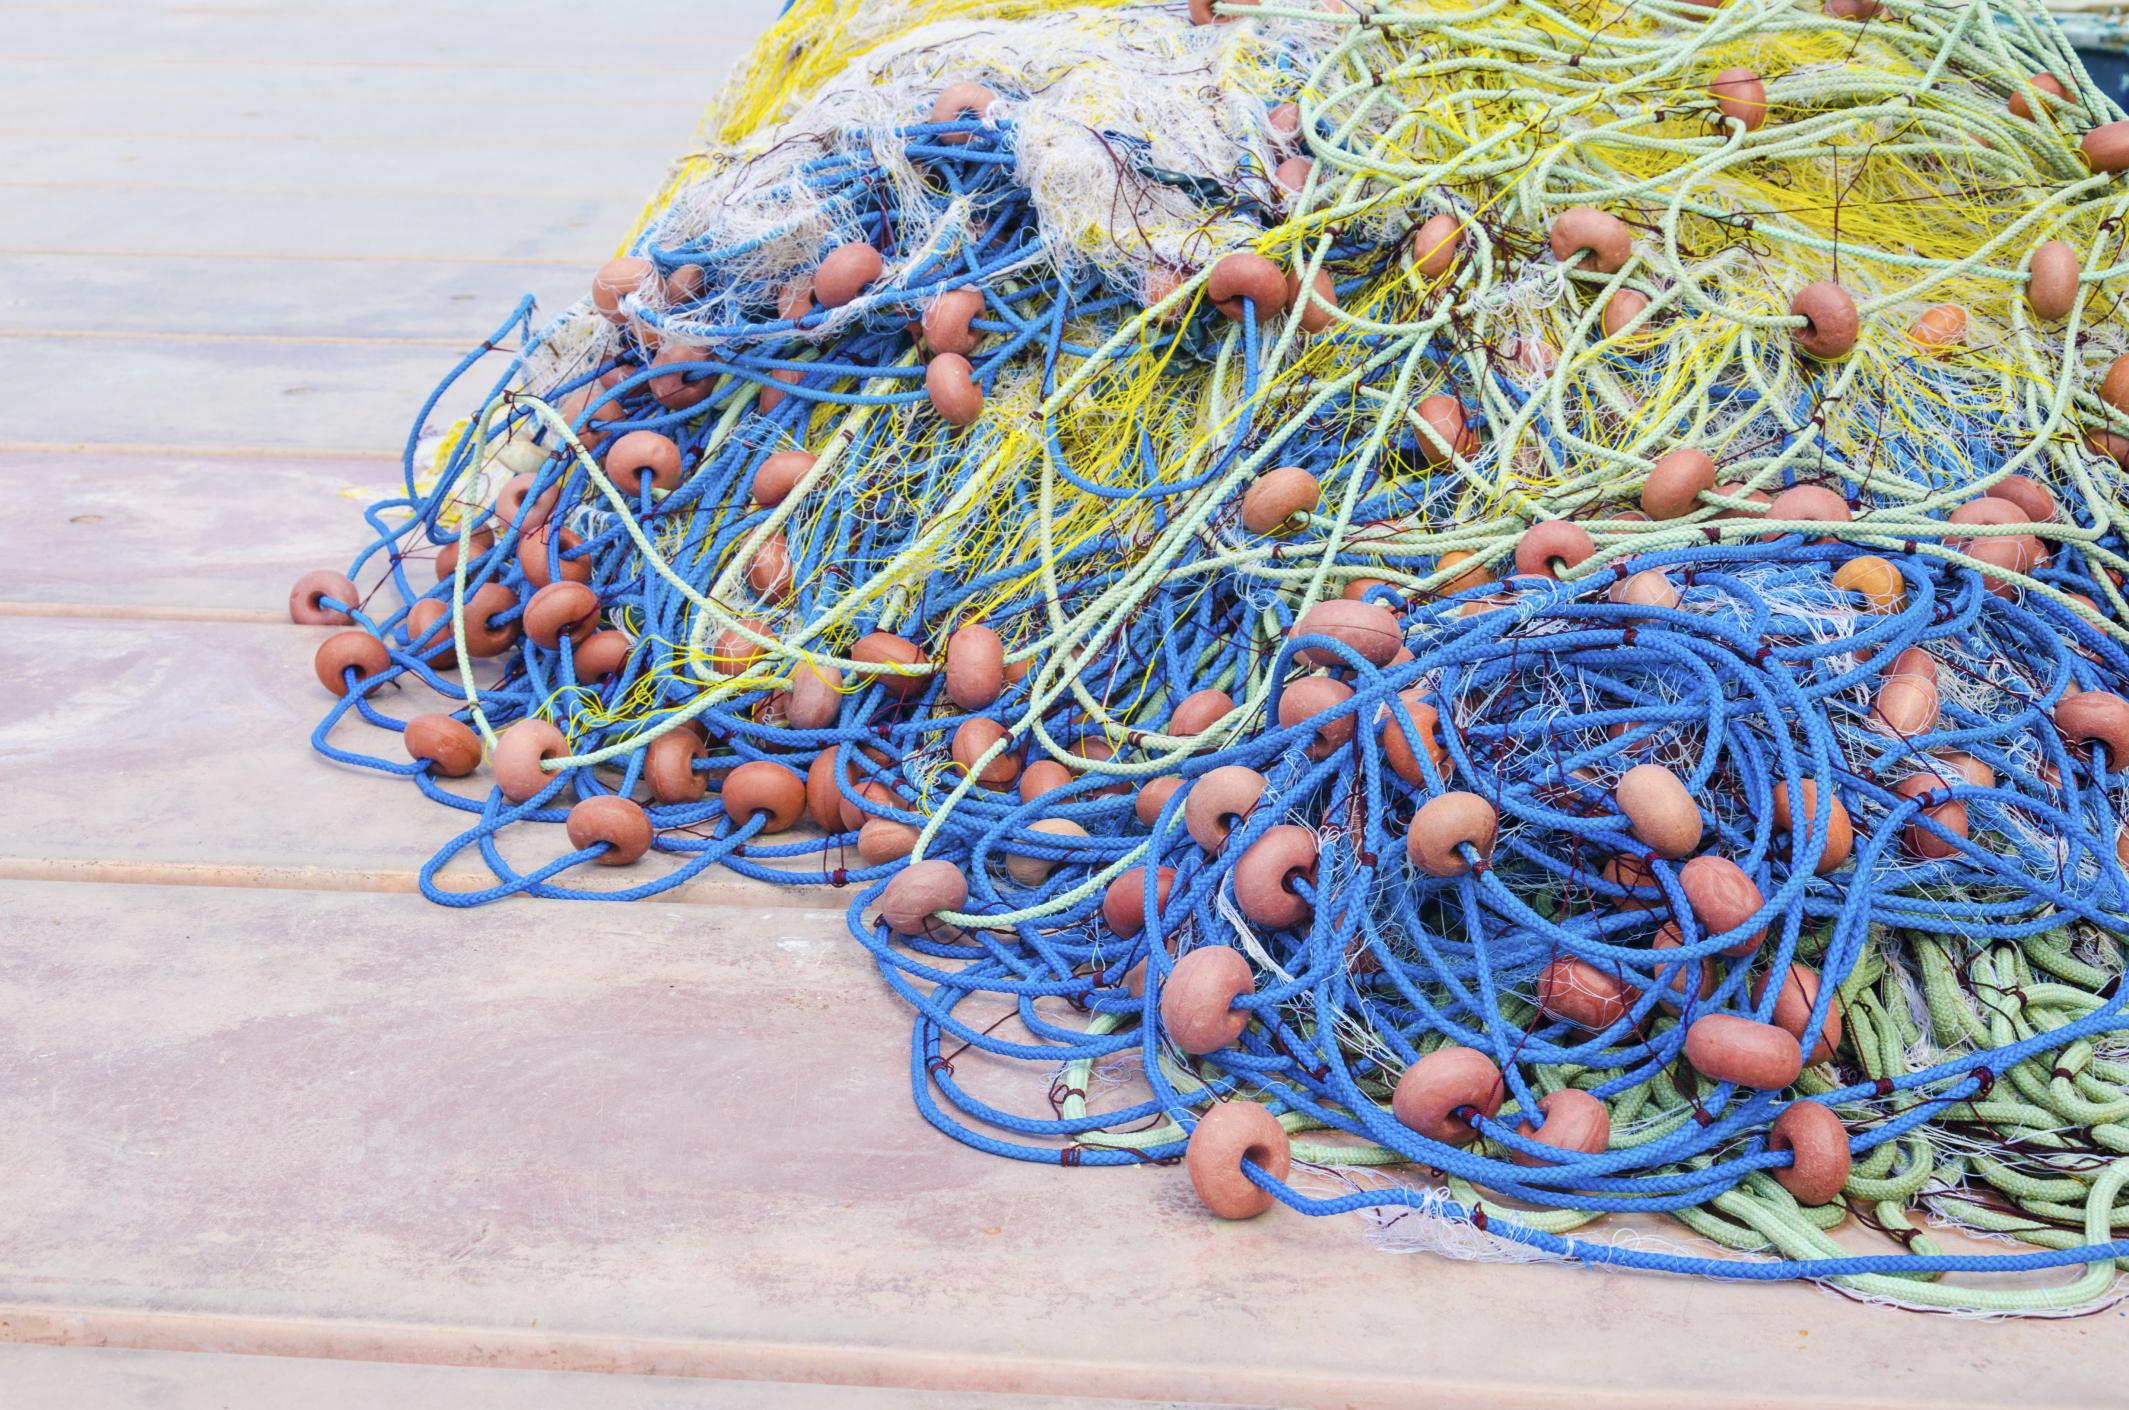 riciclo-le-reti-da-pesca-abbandonate-in-mare-diventano-abiti-e-tappeti-1.jpg